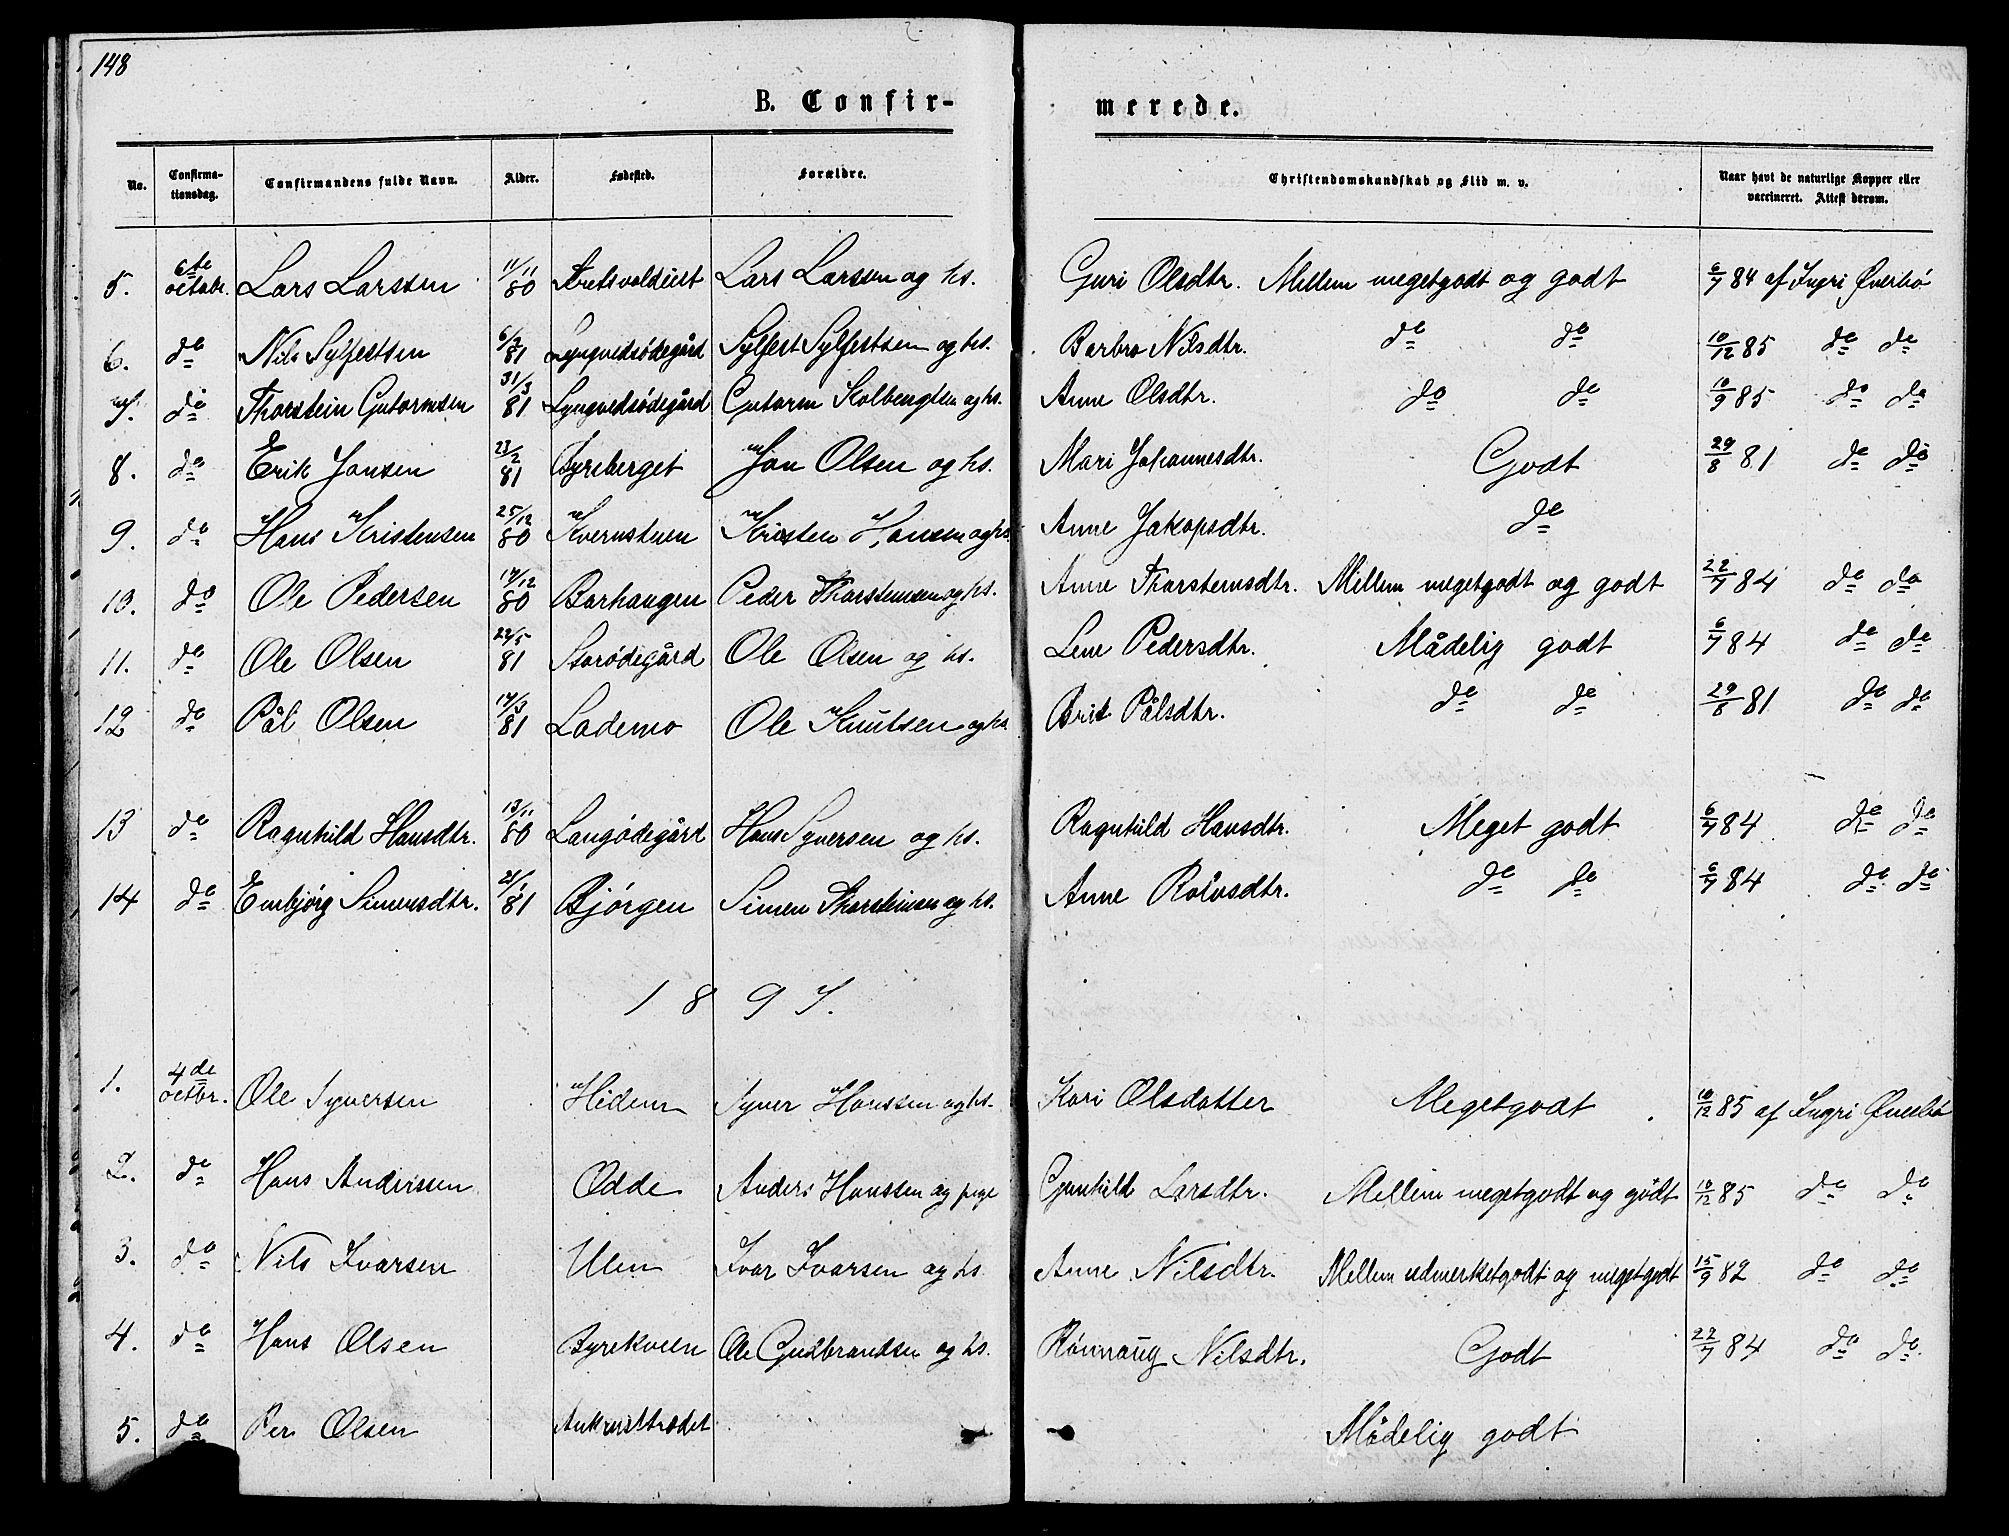 SAH, Lom prestekontor, L/L0005: Klokkerbok nr. 5, 1876-1901, s. 148-149